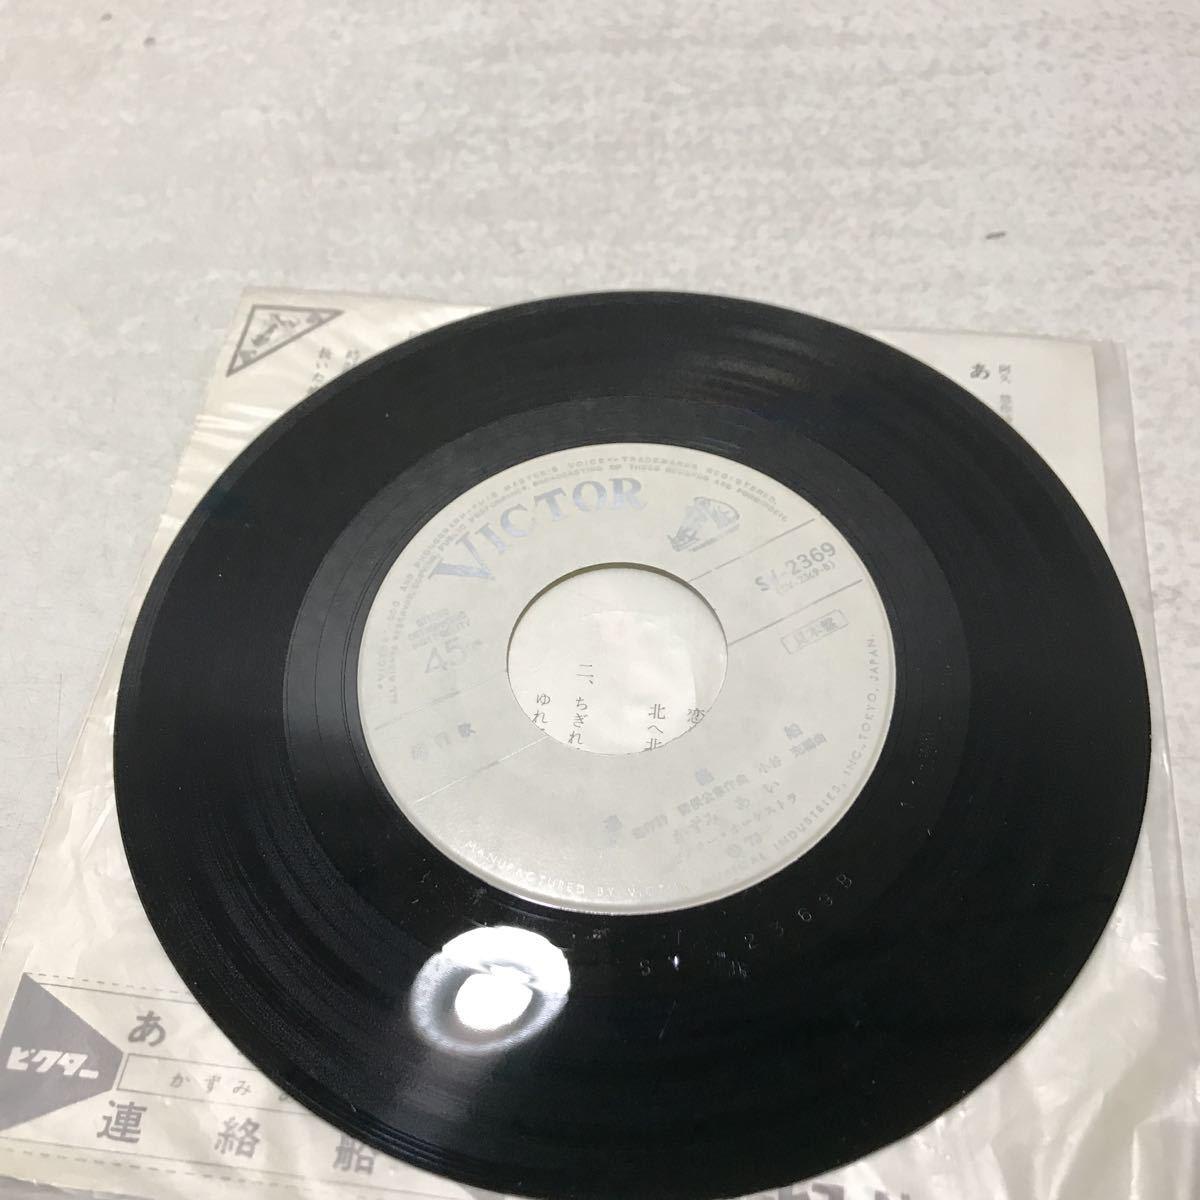 200127▲C11▲ EP 7インチレコード かずみあい あんた/連絡船 見本盤 和モノ 昭和歌謡_画像4